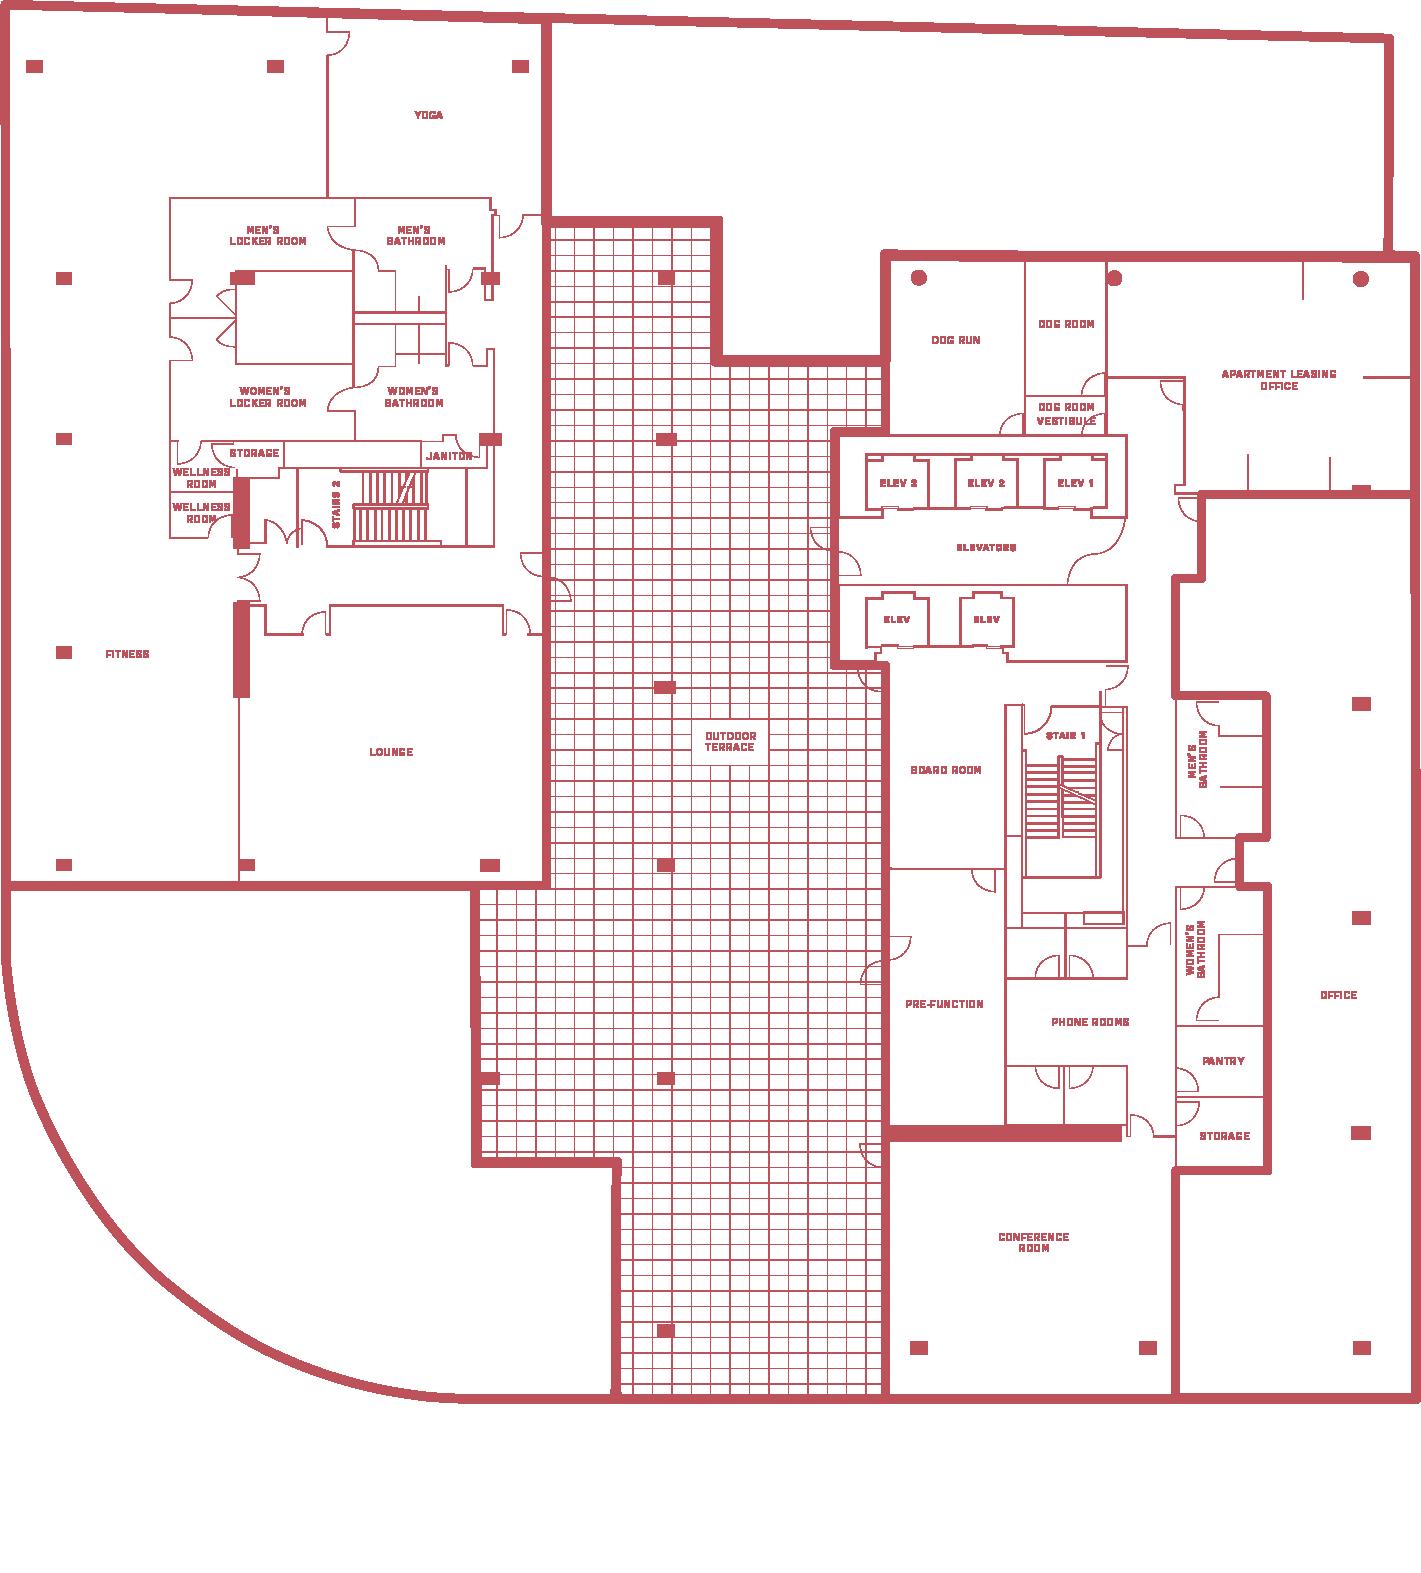 5MLK 6th floor shared - floor plan